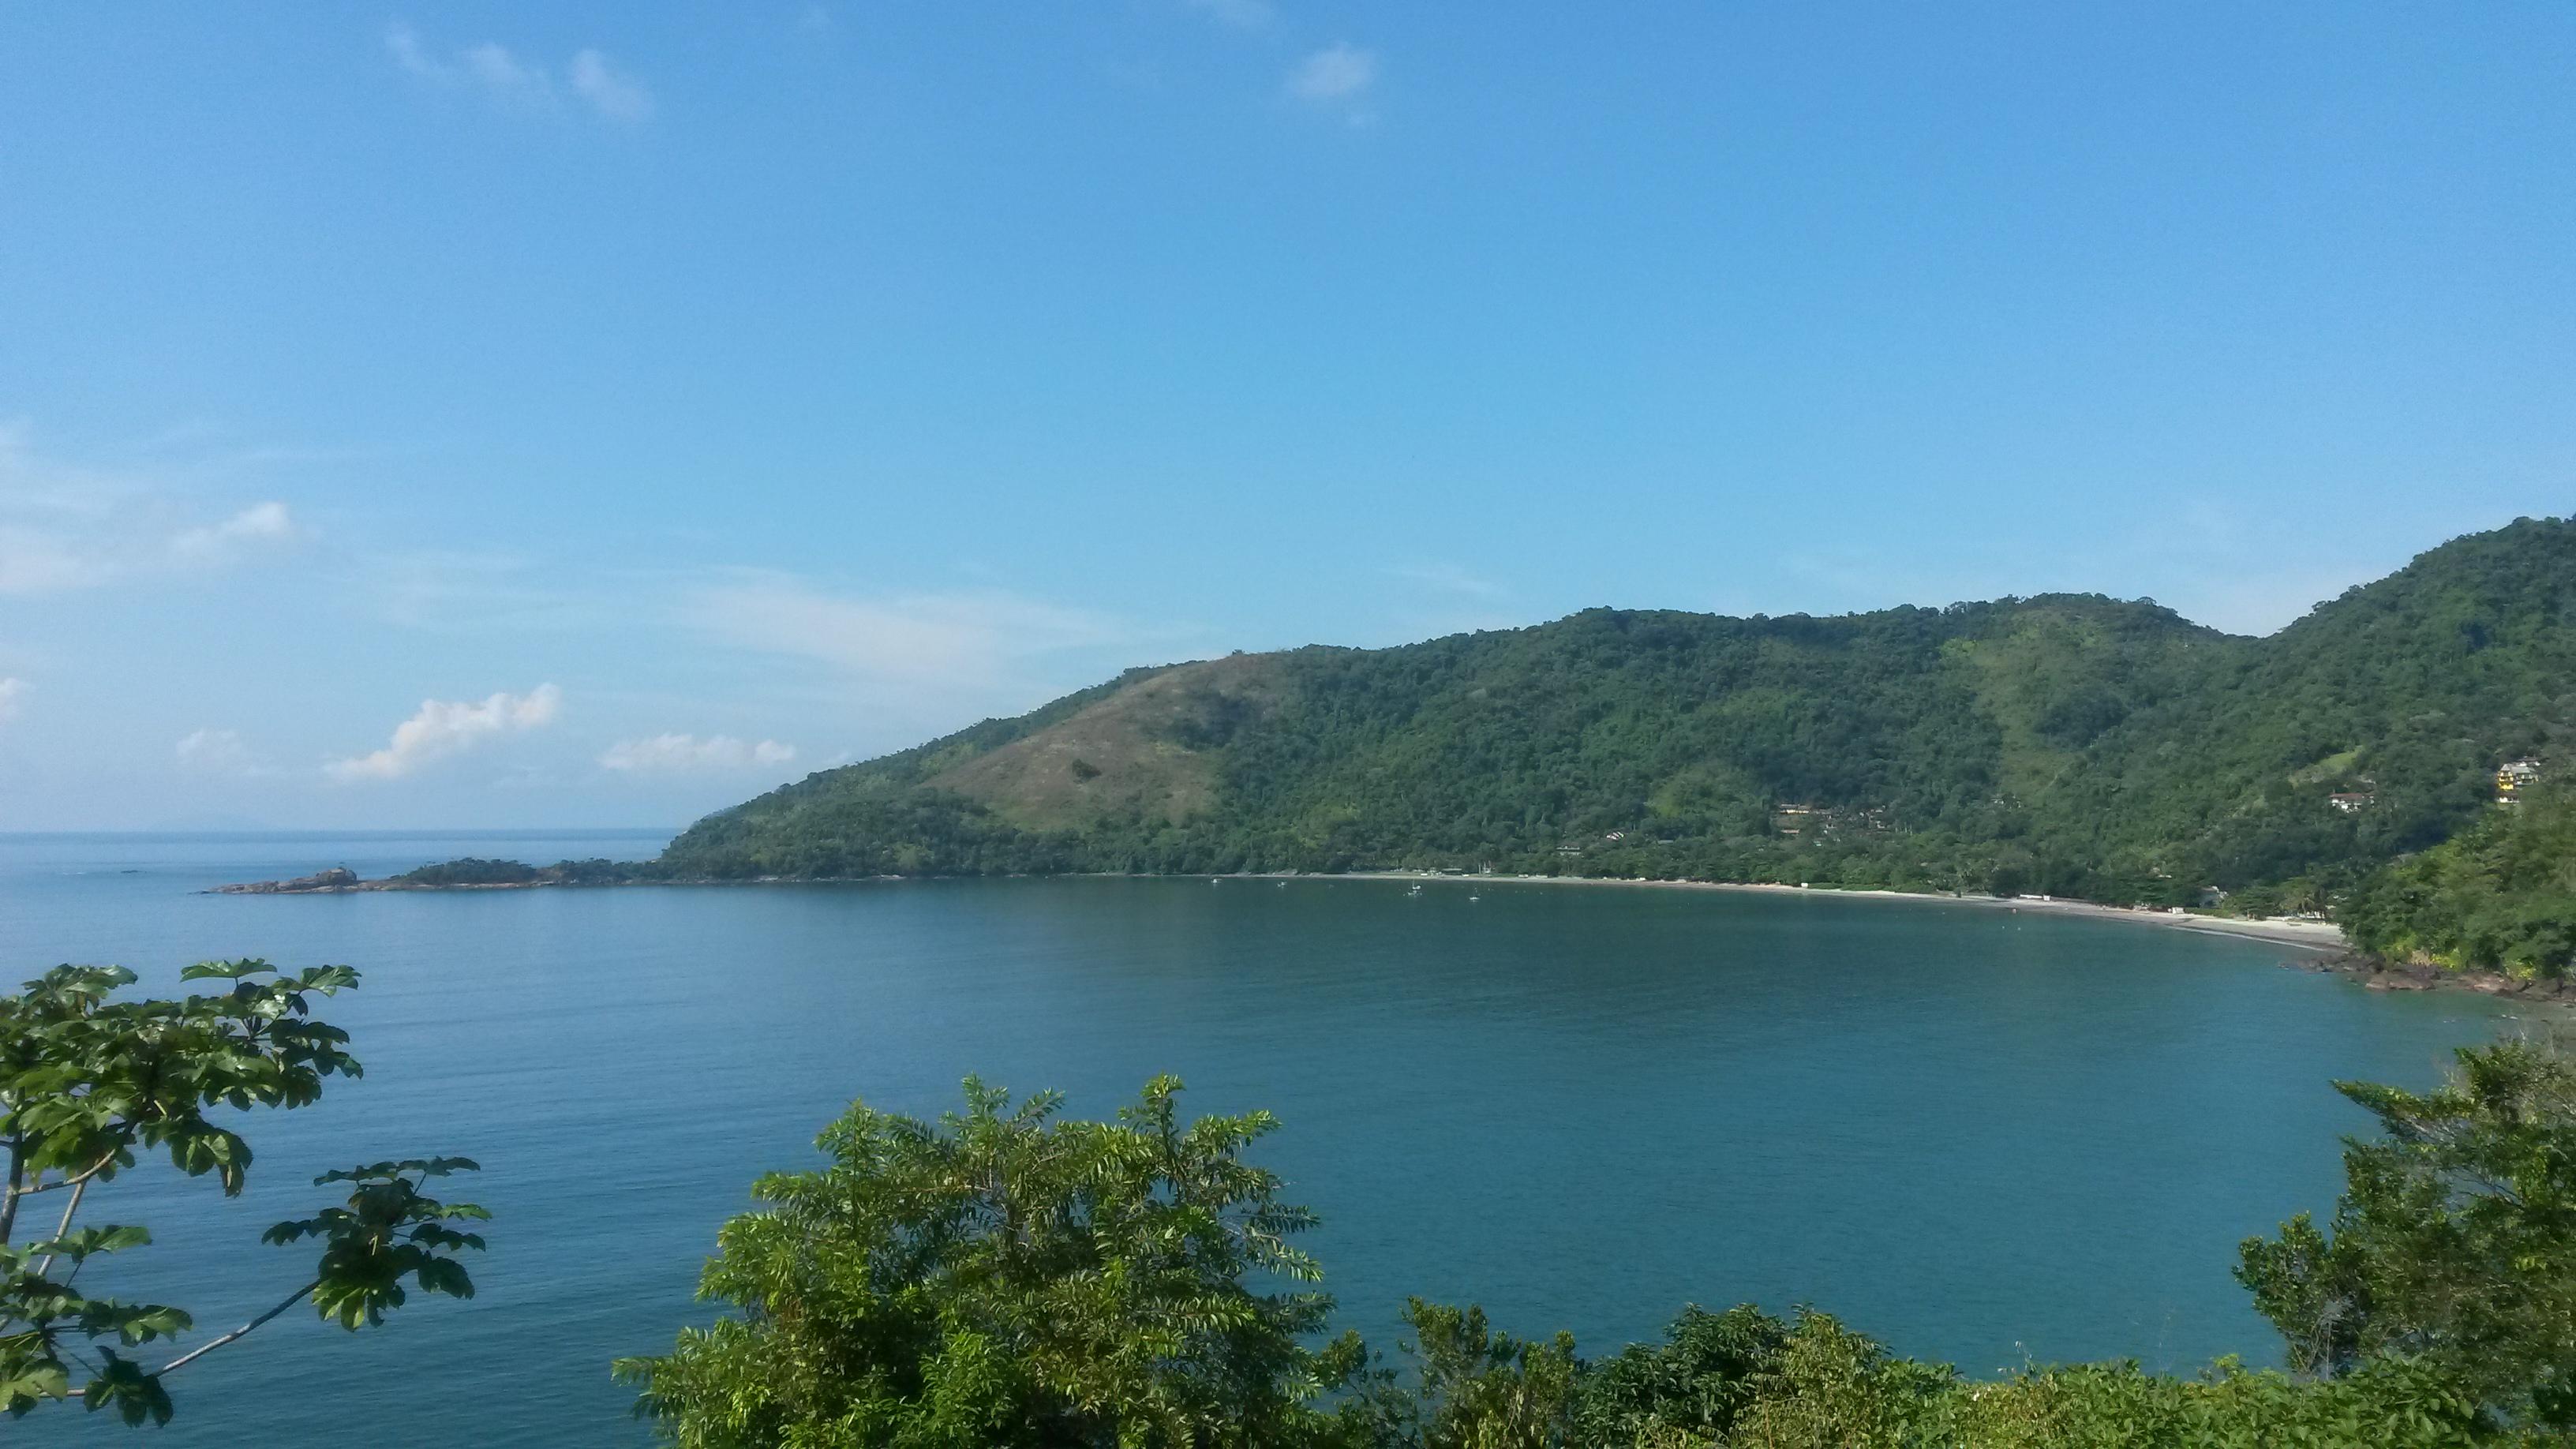 Praia da Fortaleza vista da estrada